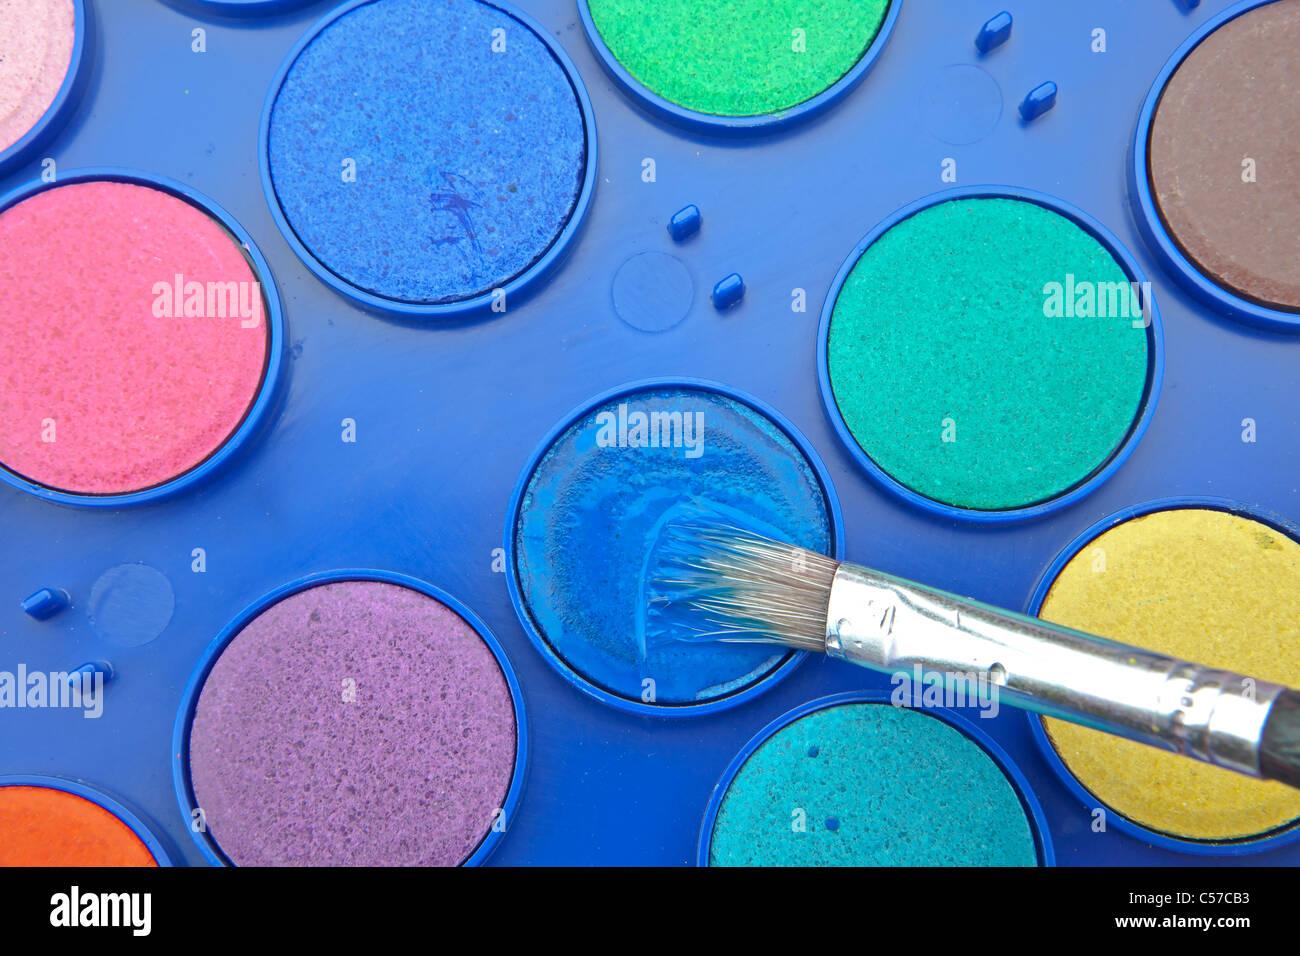 Les couleurs de l'eau dans une boîte de peinture avec pinceau Photo Stock